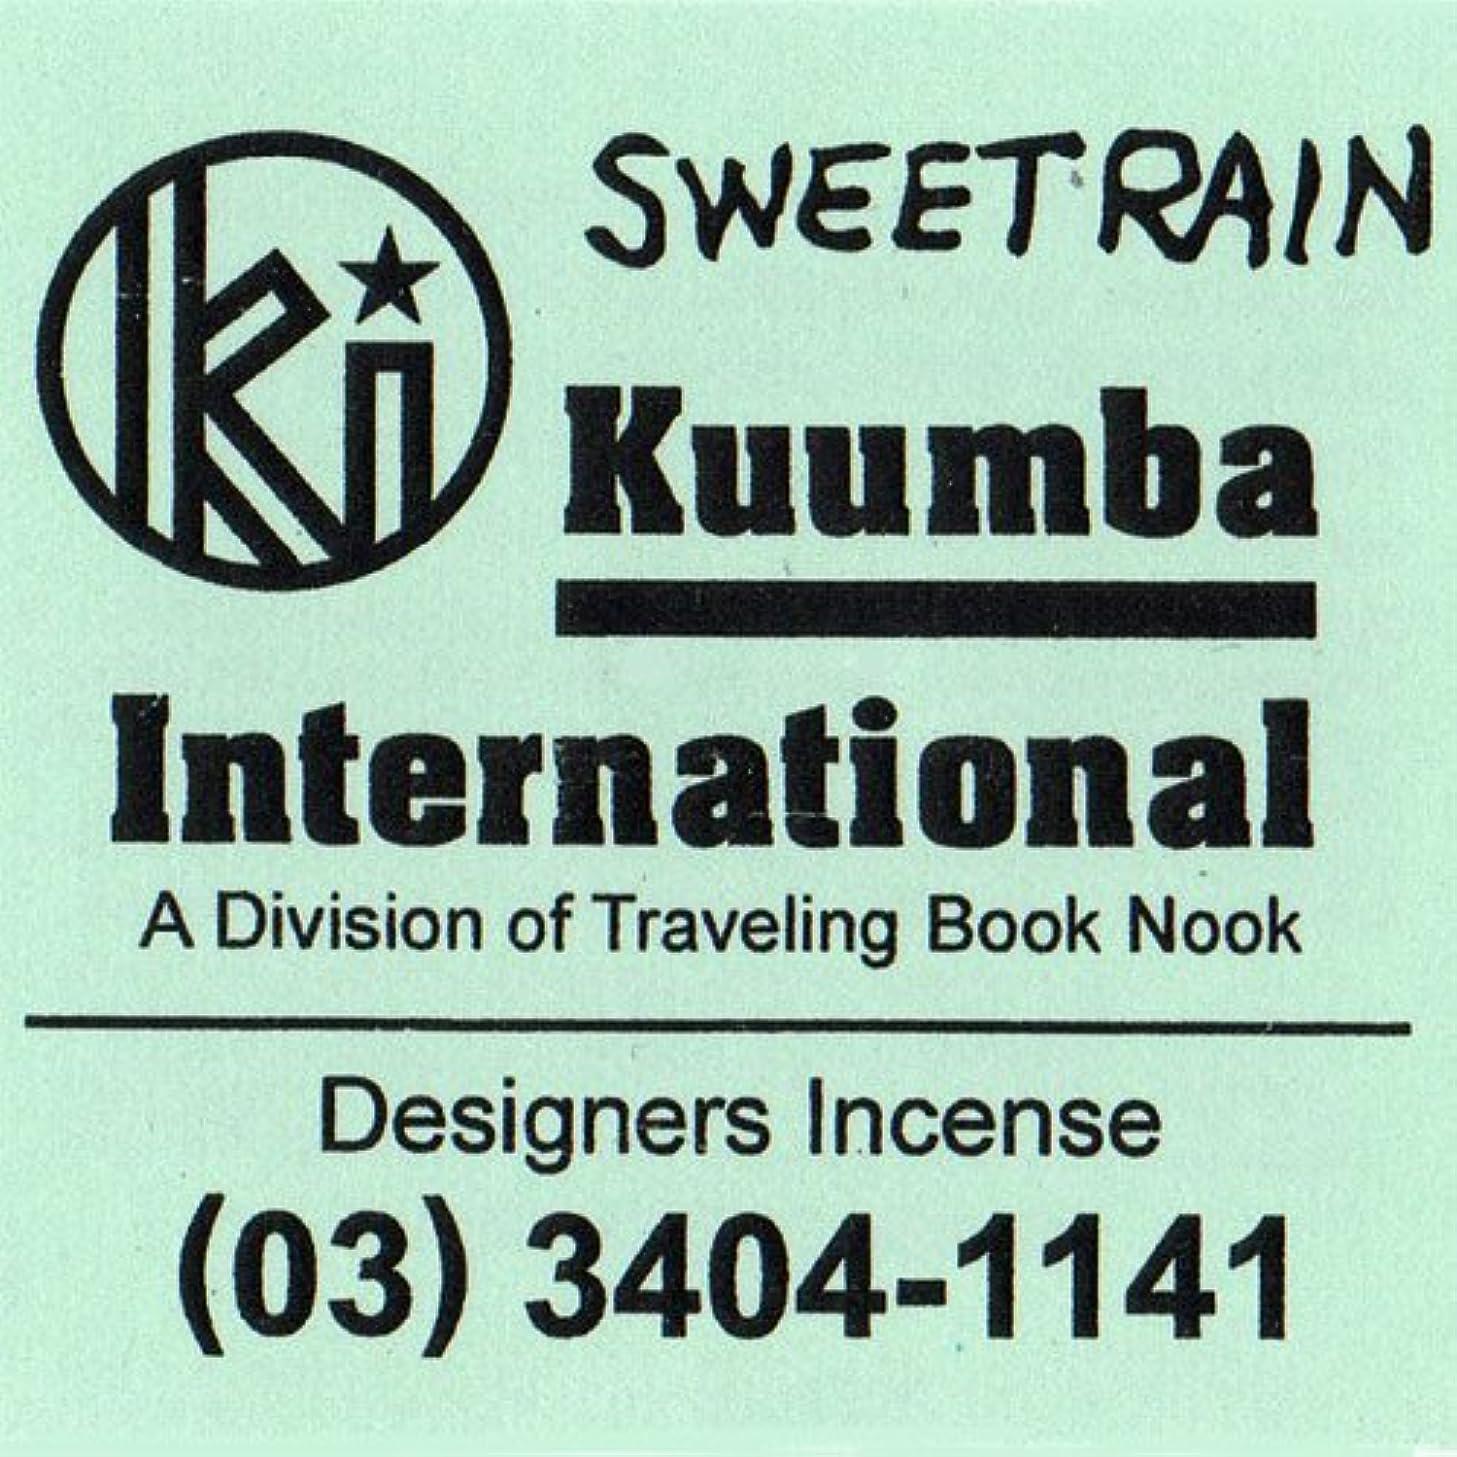 奨励歯モーテル(クンバ) KUUMBA『incense』(SWEET RAIN) (Mini size)